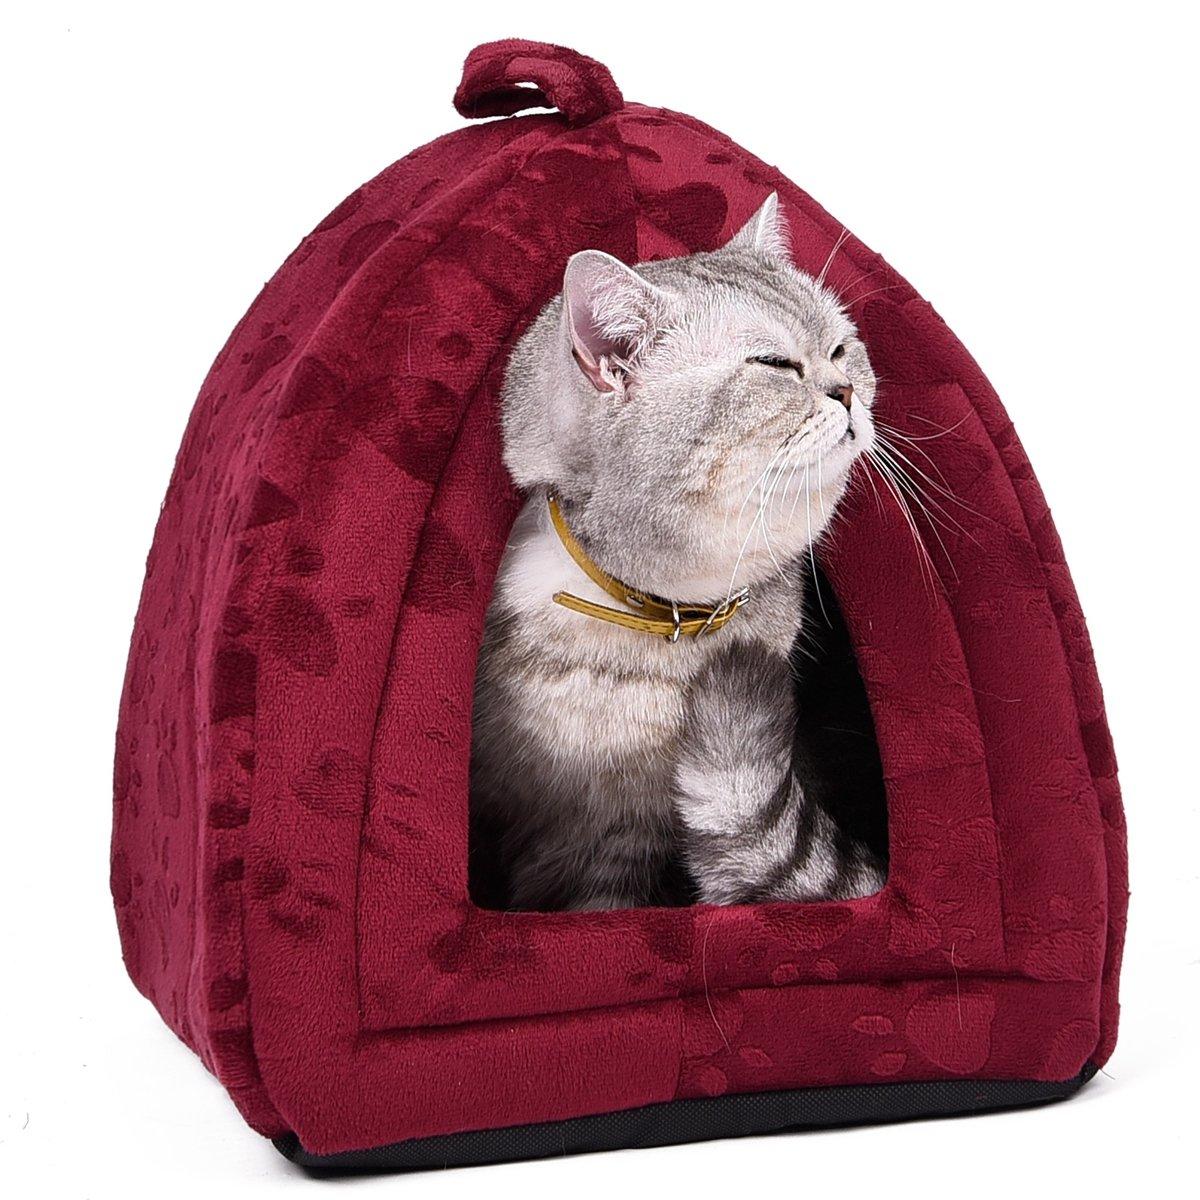 Cama para mascotas pequeñas con forma de iglú y con huellas impresas, lavable y suave, de 40 x 32 x 32 cm, de Ohana: Amazon.es: Productos para mascotas